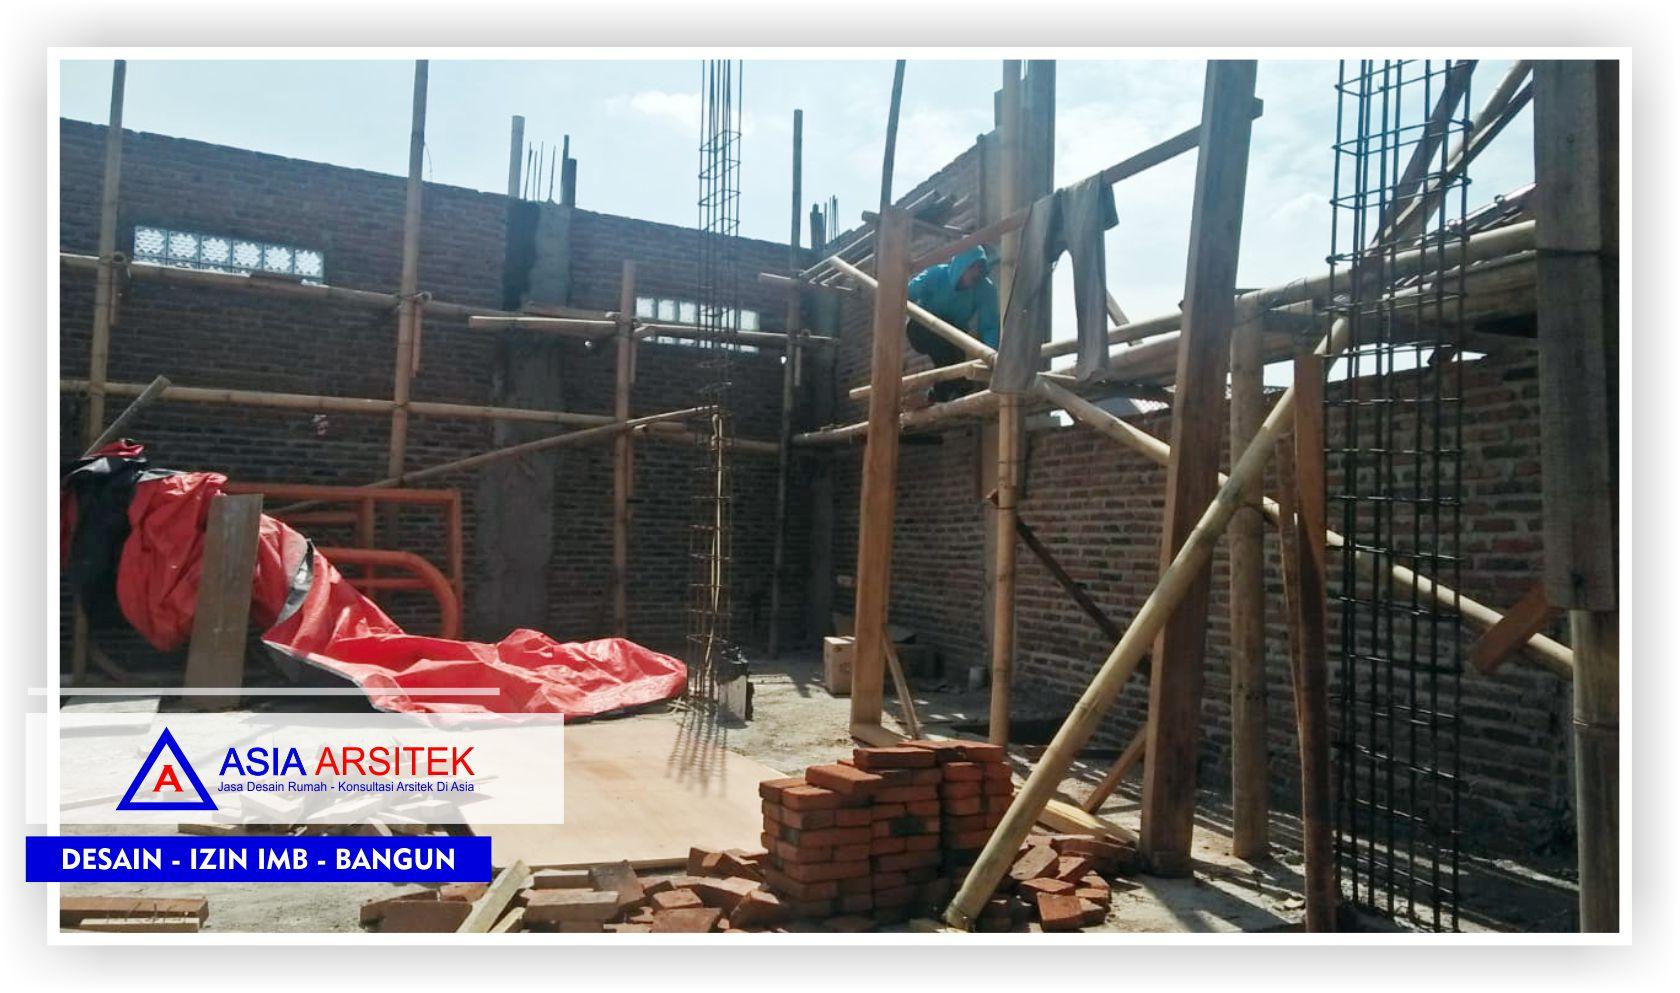 Proses-pengerjaan-kontruksi-di-lantai-2-rumah-klasik-bu-Elisa-2